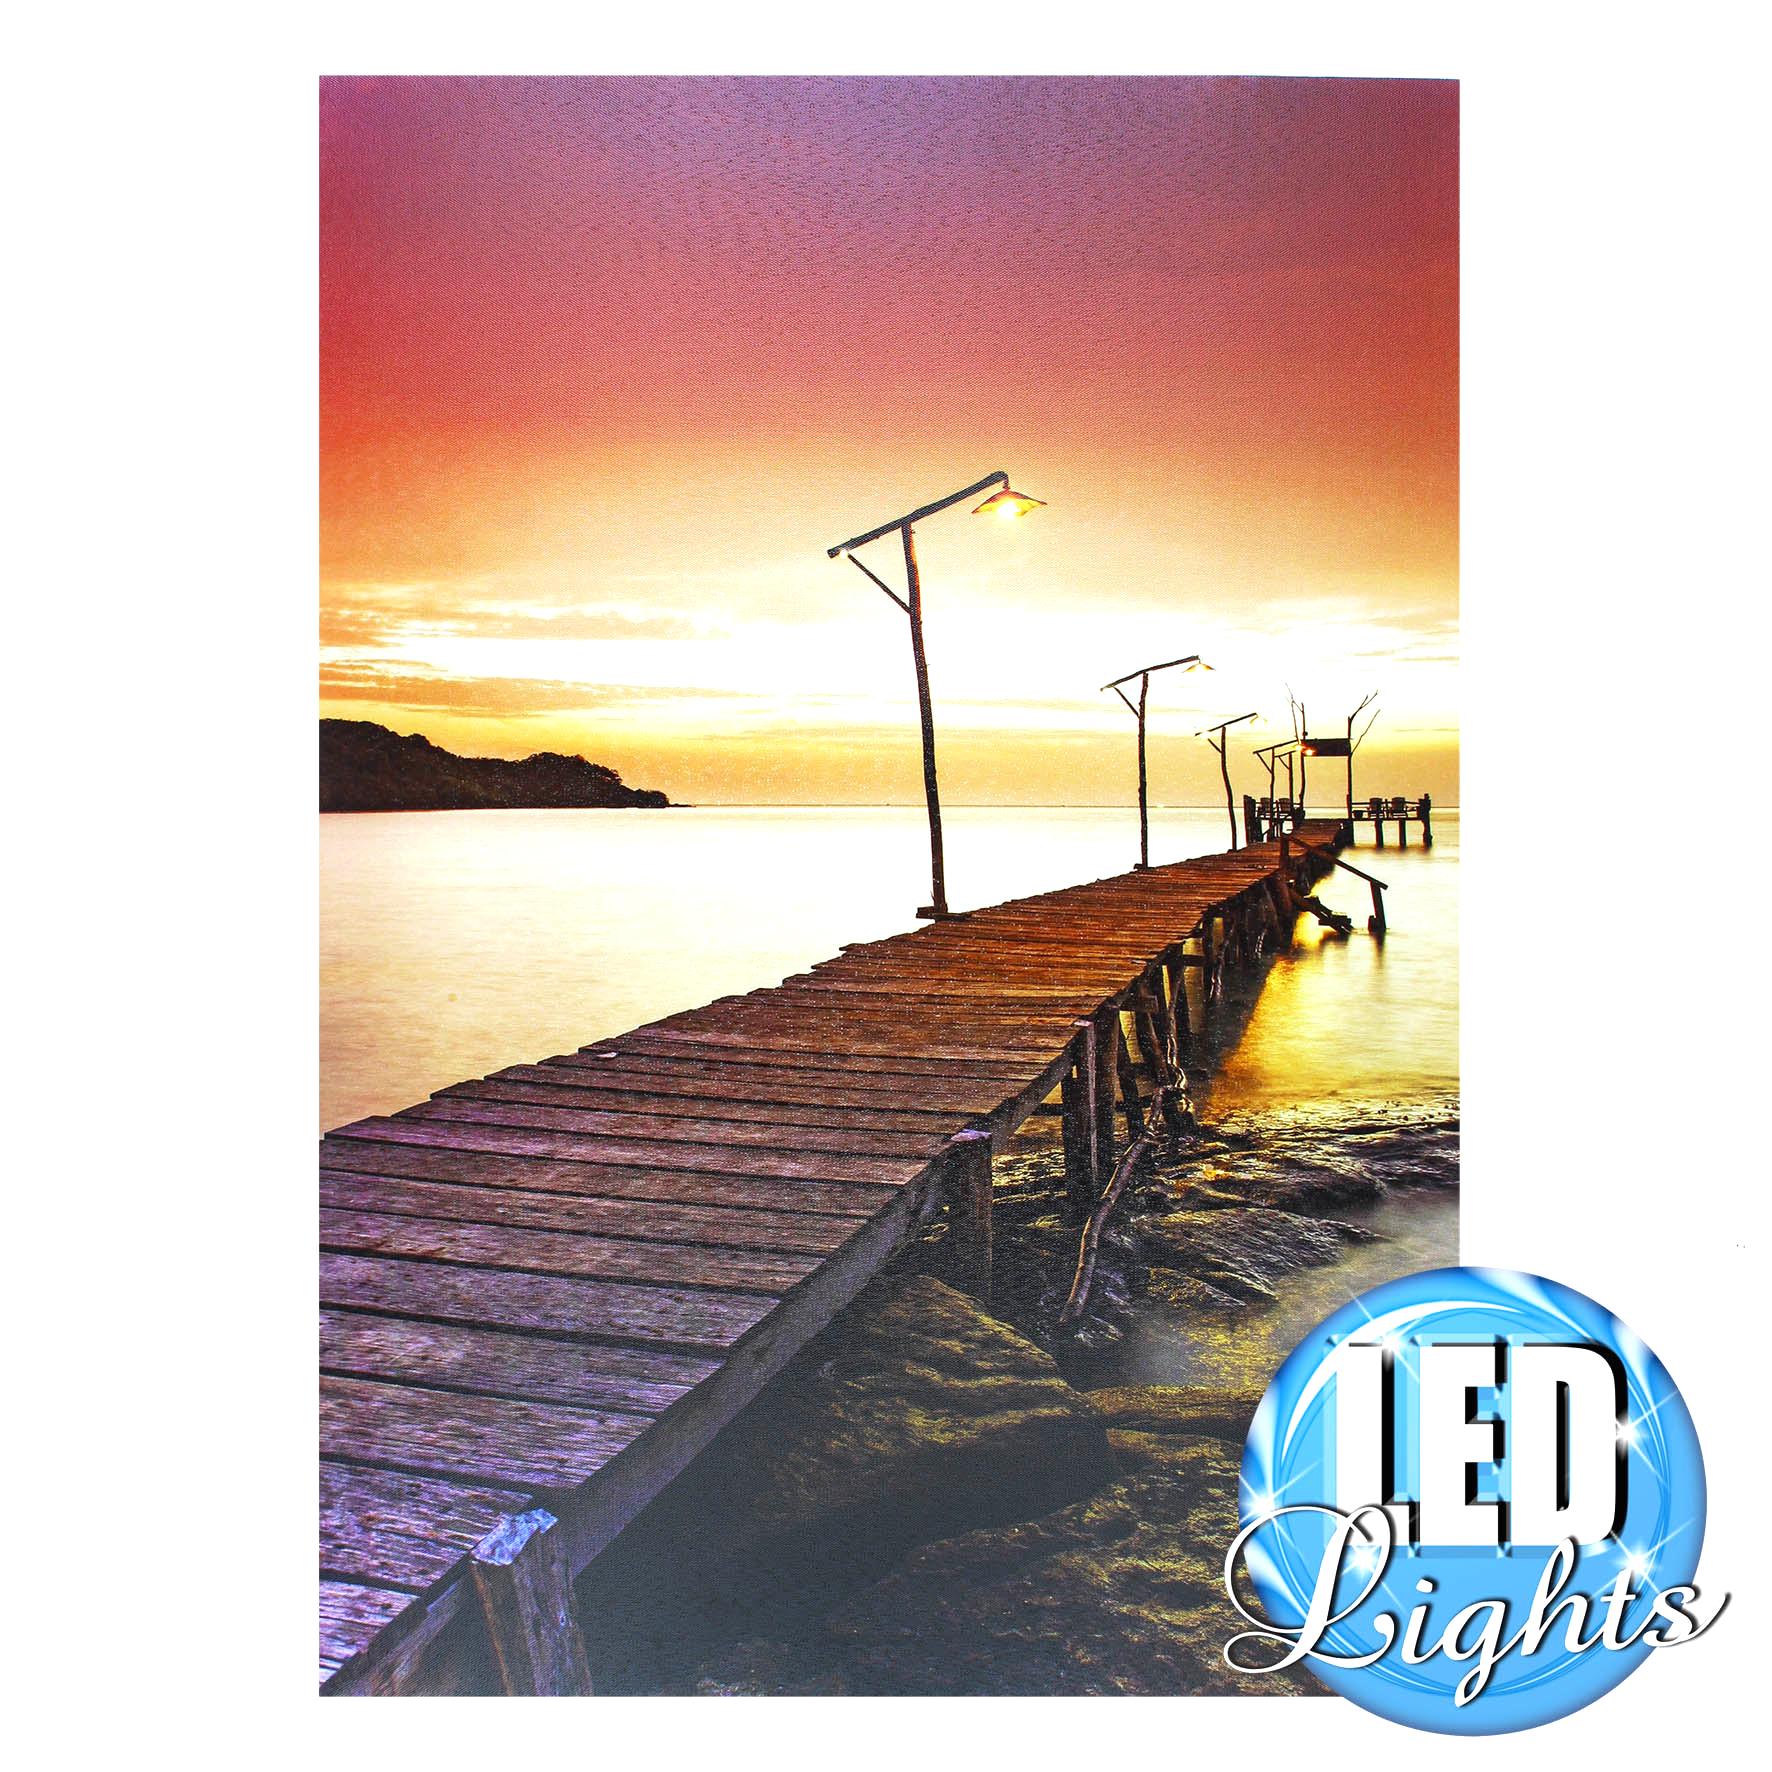 Leinwandbild Sonnenuntergang Am Meer Mit Led Beleuchtung